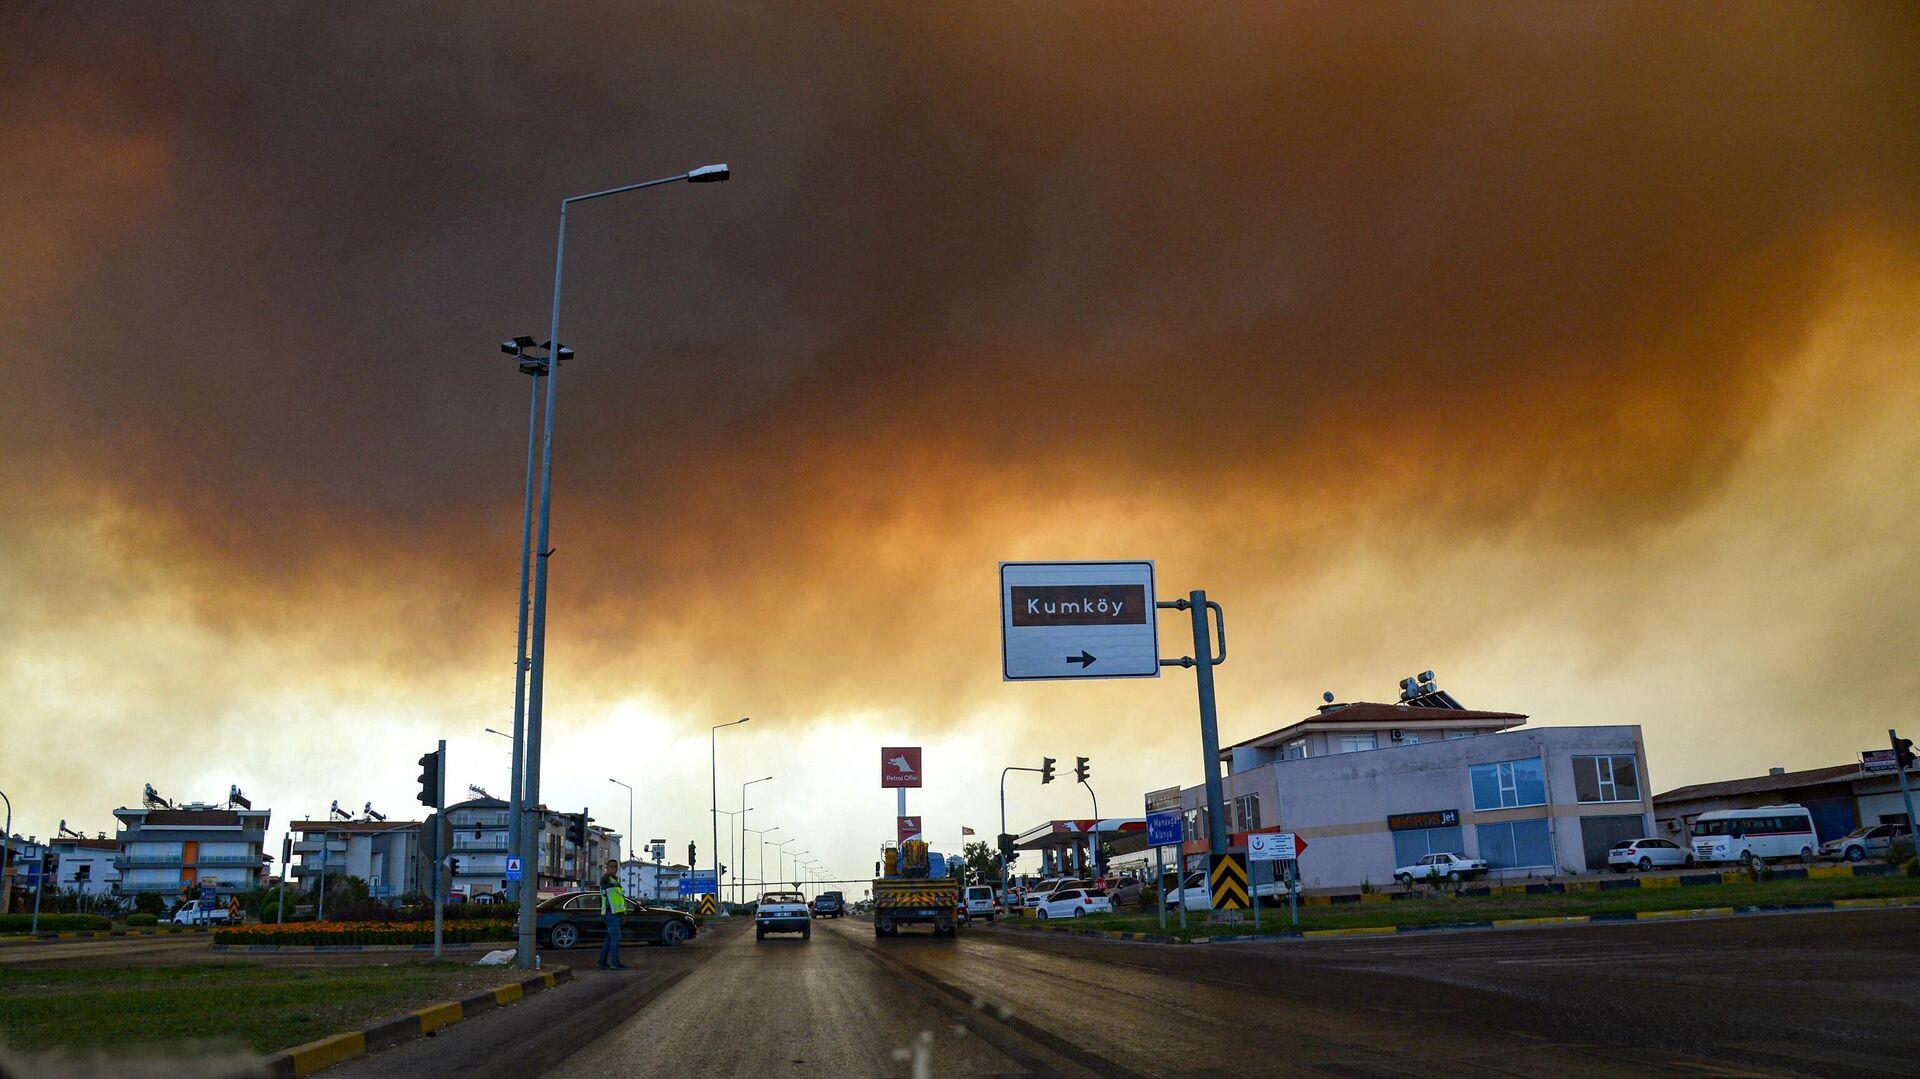 Дым от лесных пожаров в Манавгате, провинция Анталья, Турция - РИА Новости, 1920, 29.07.2021